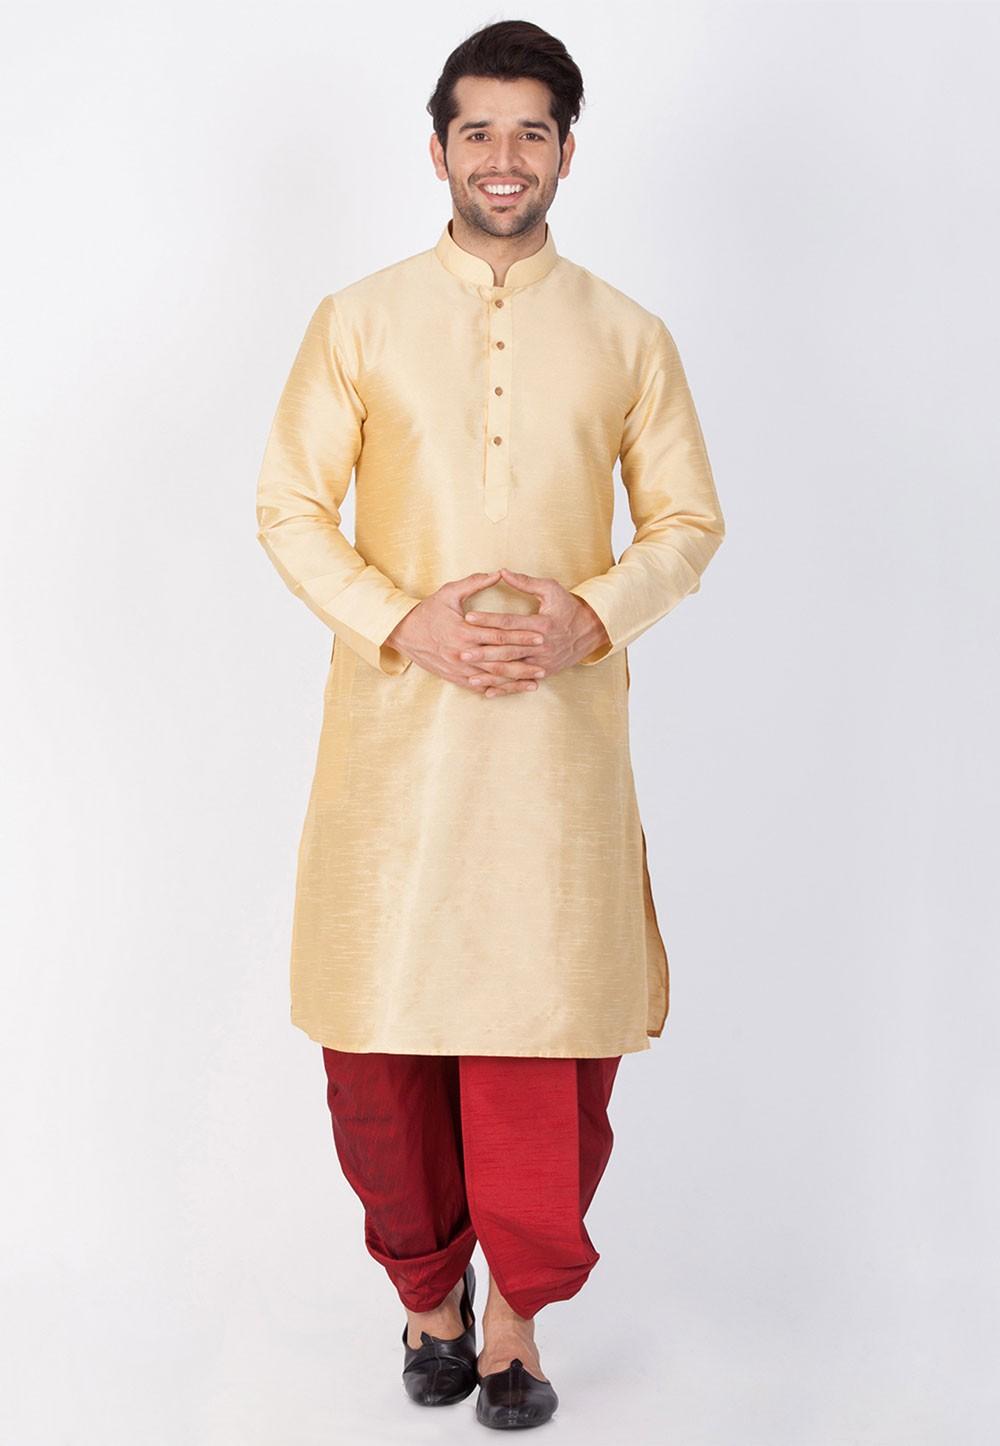 Readymade: Buy Dhoti Kurta Online for Men in Golden Color